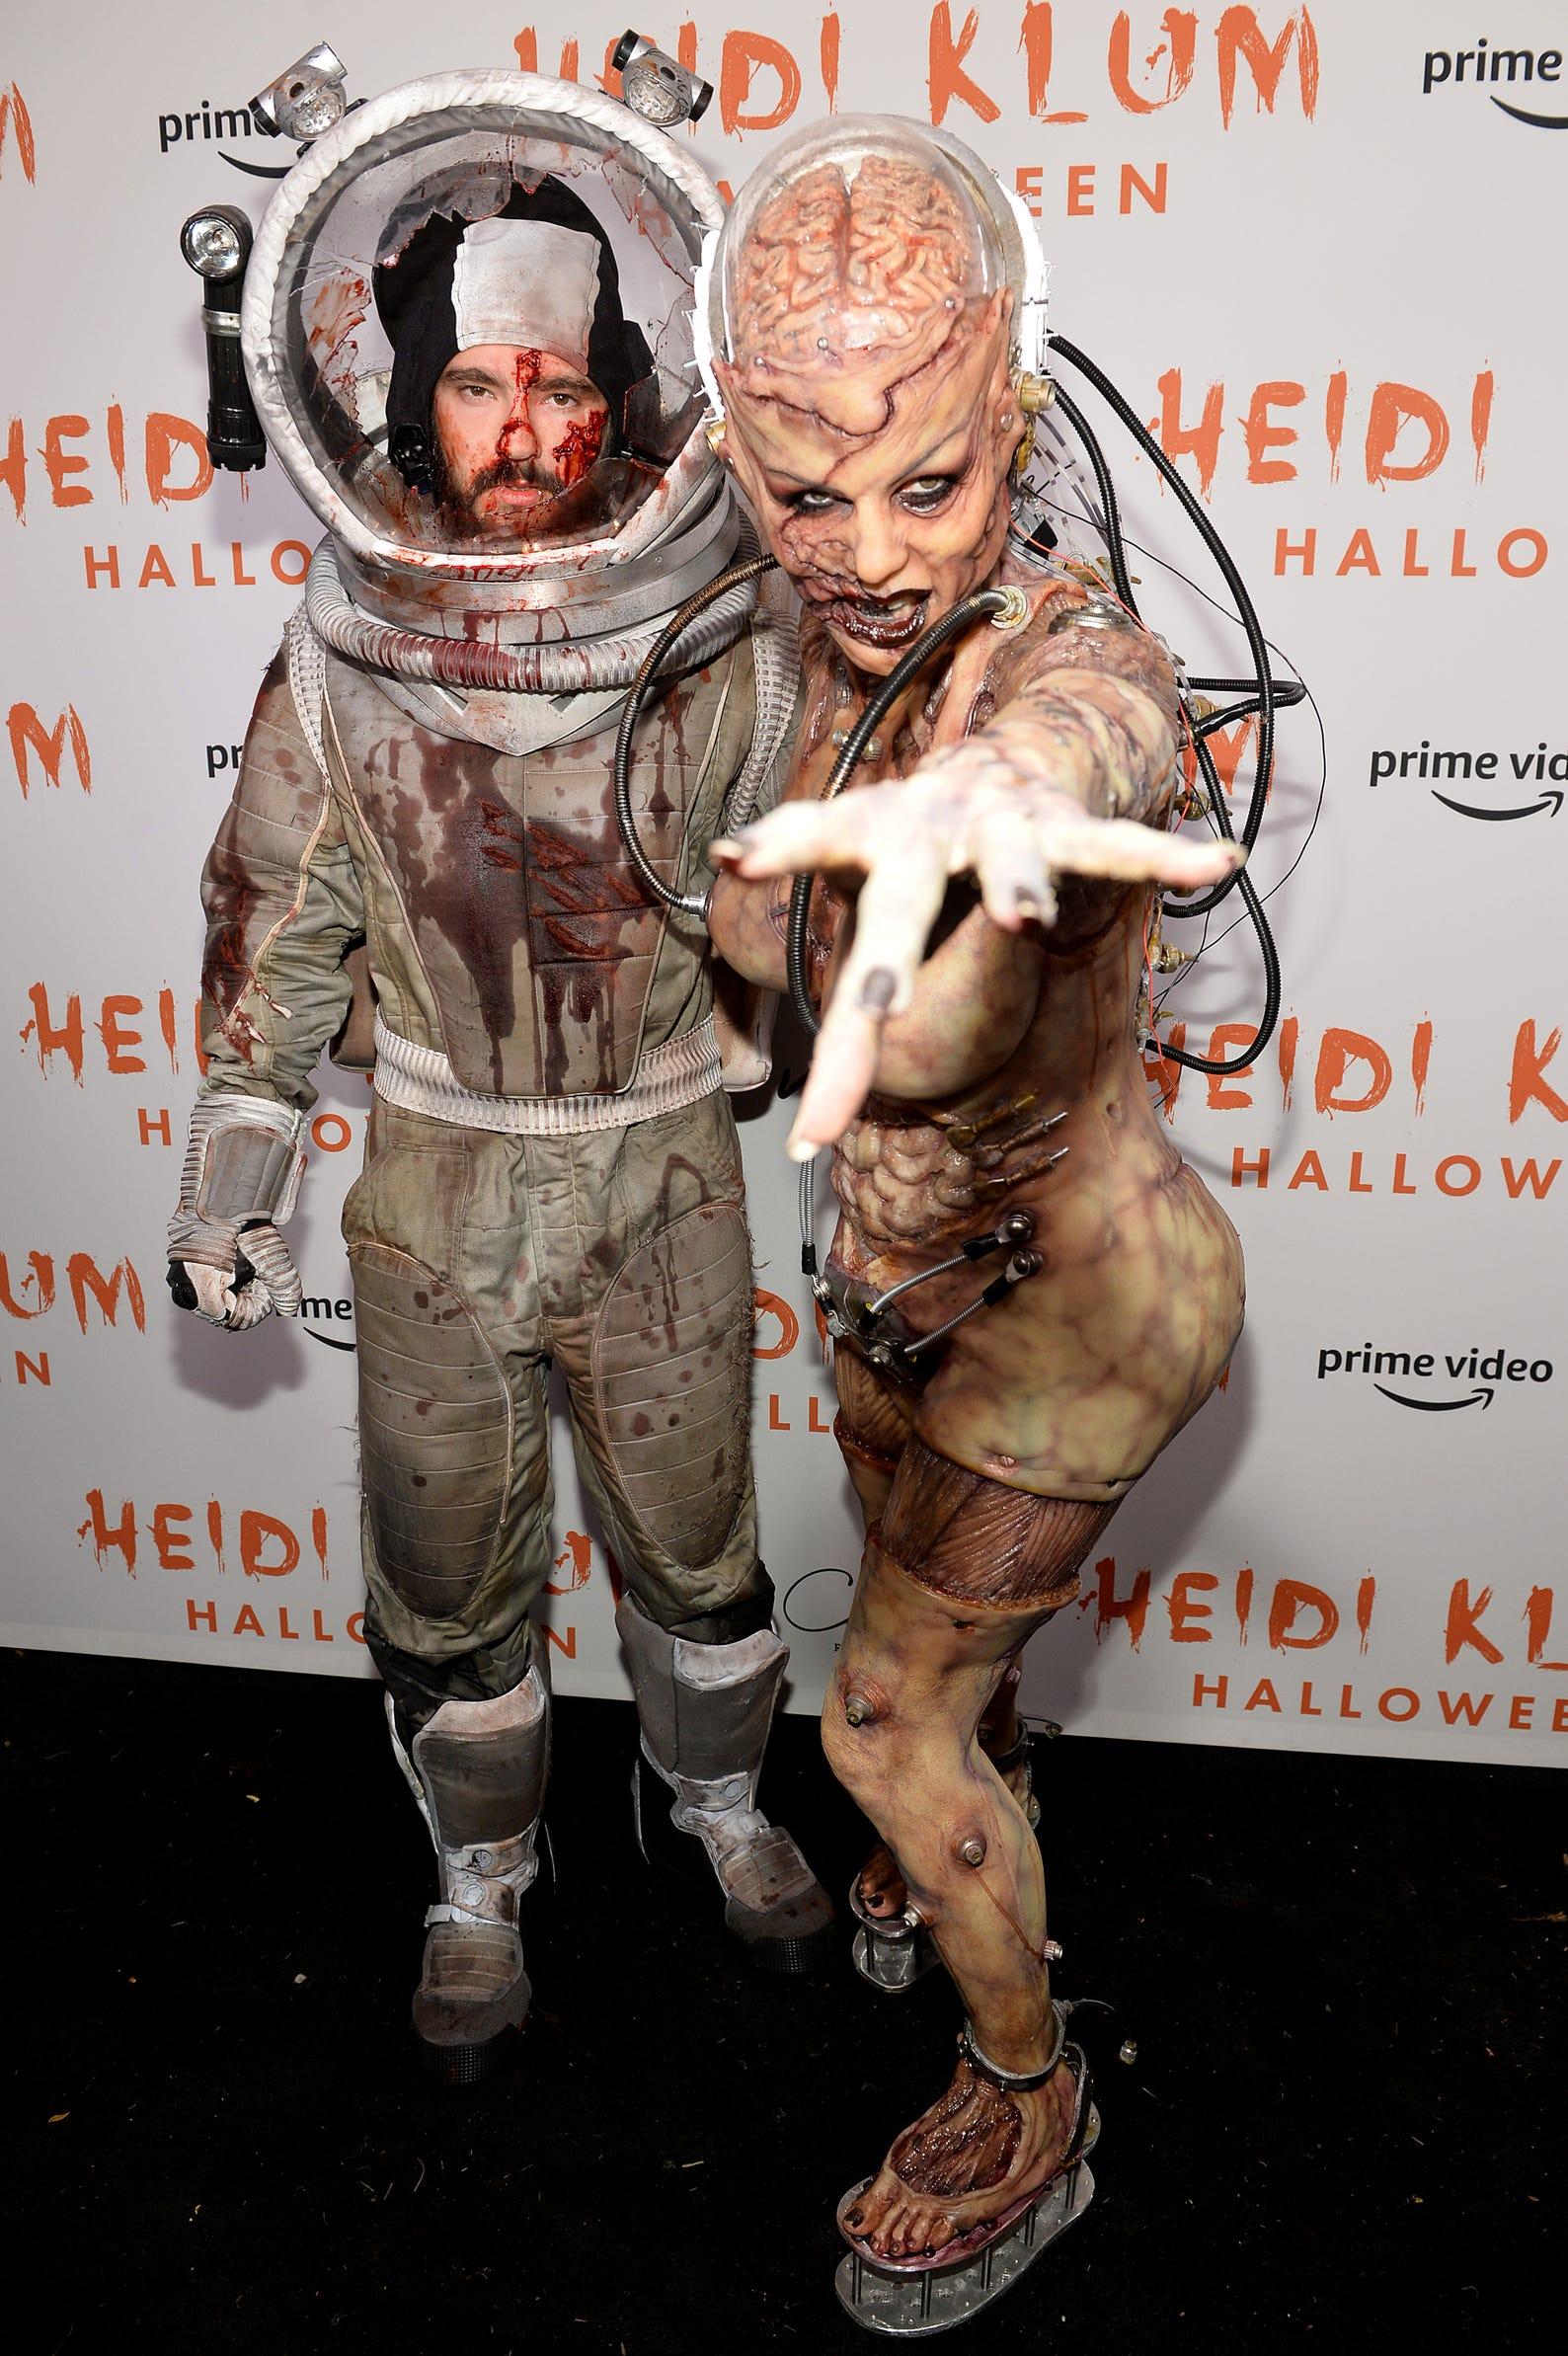 2020 Heidi Klum Halloween Costumes Heidi Klum's Halloween costume: See her best looks through the years